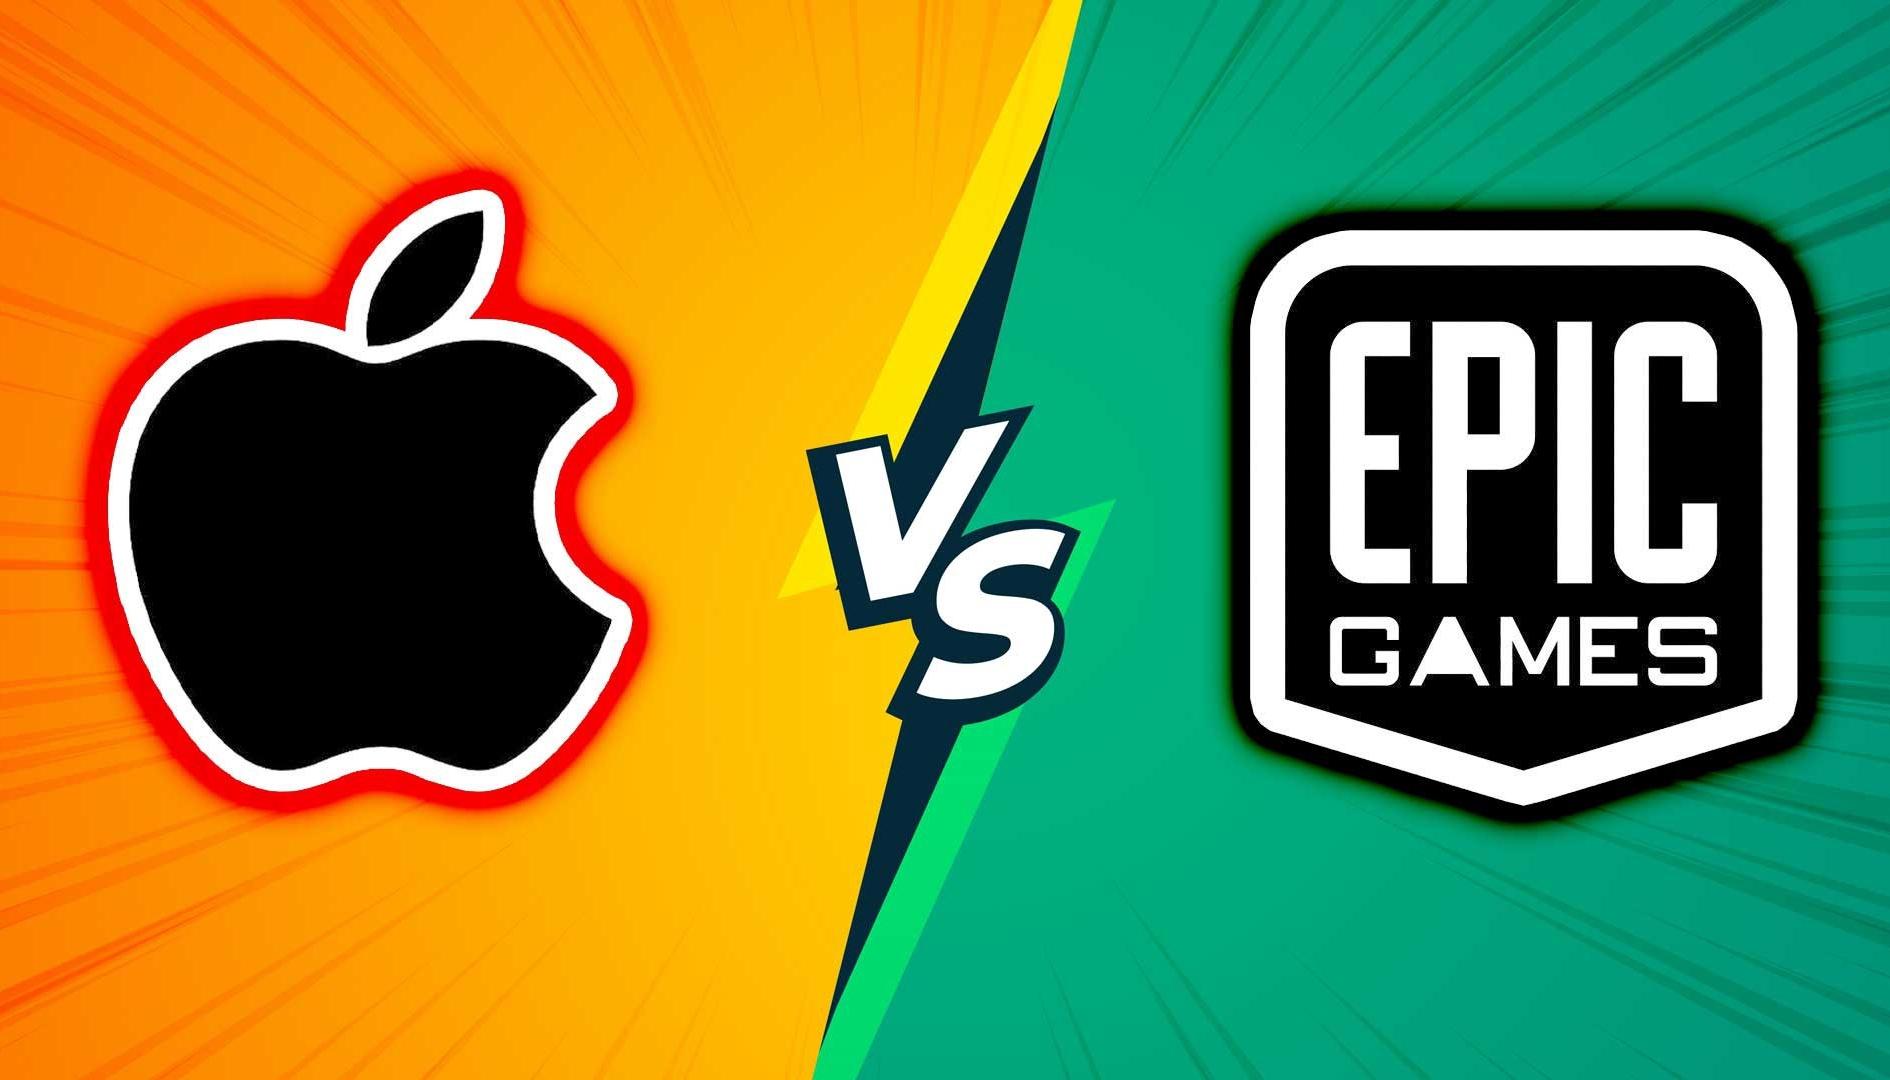 Epic Games VS Apple, il verdetto potrebbe cambiare glis tore digitali per sempre